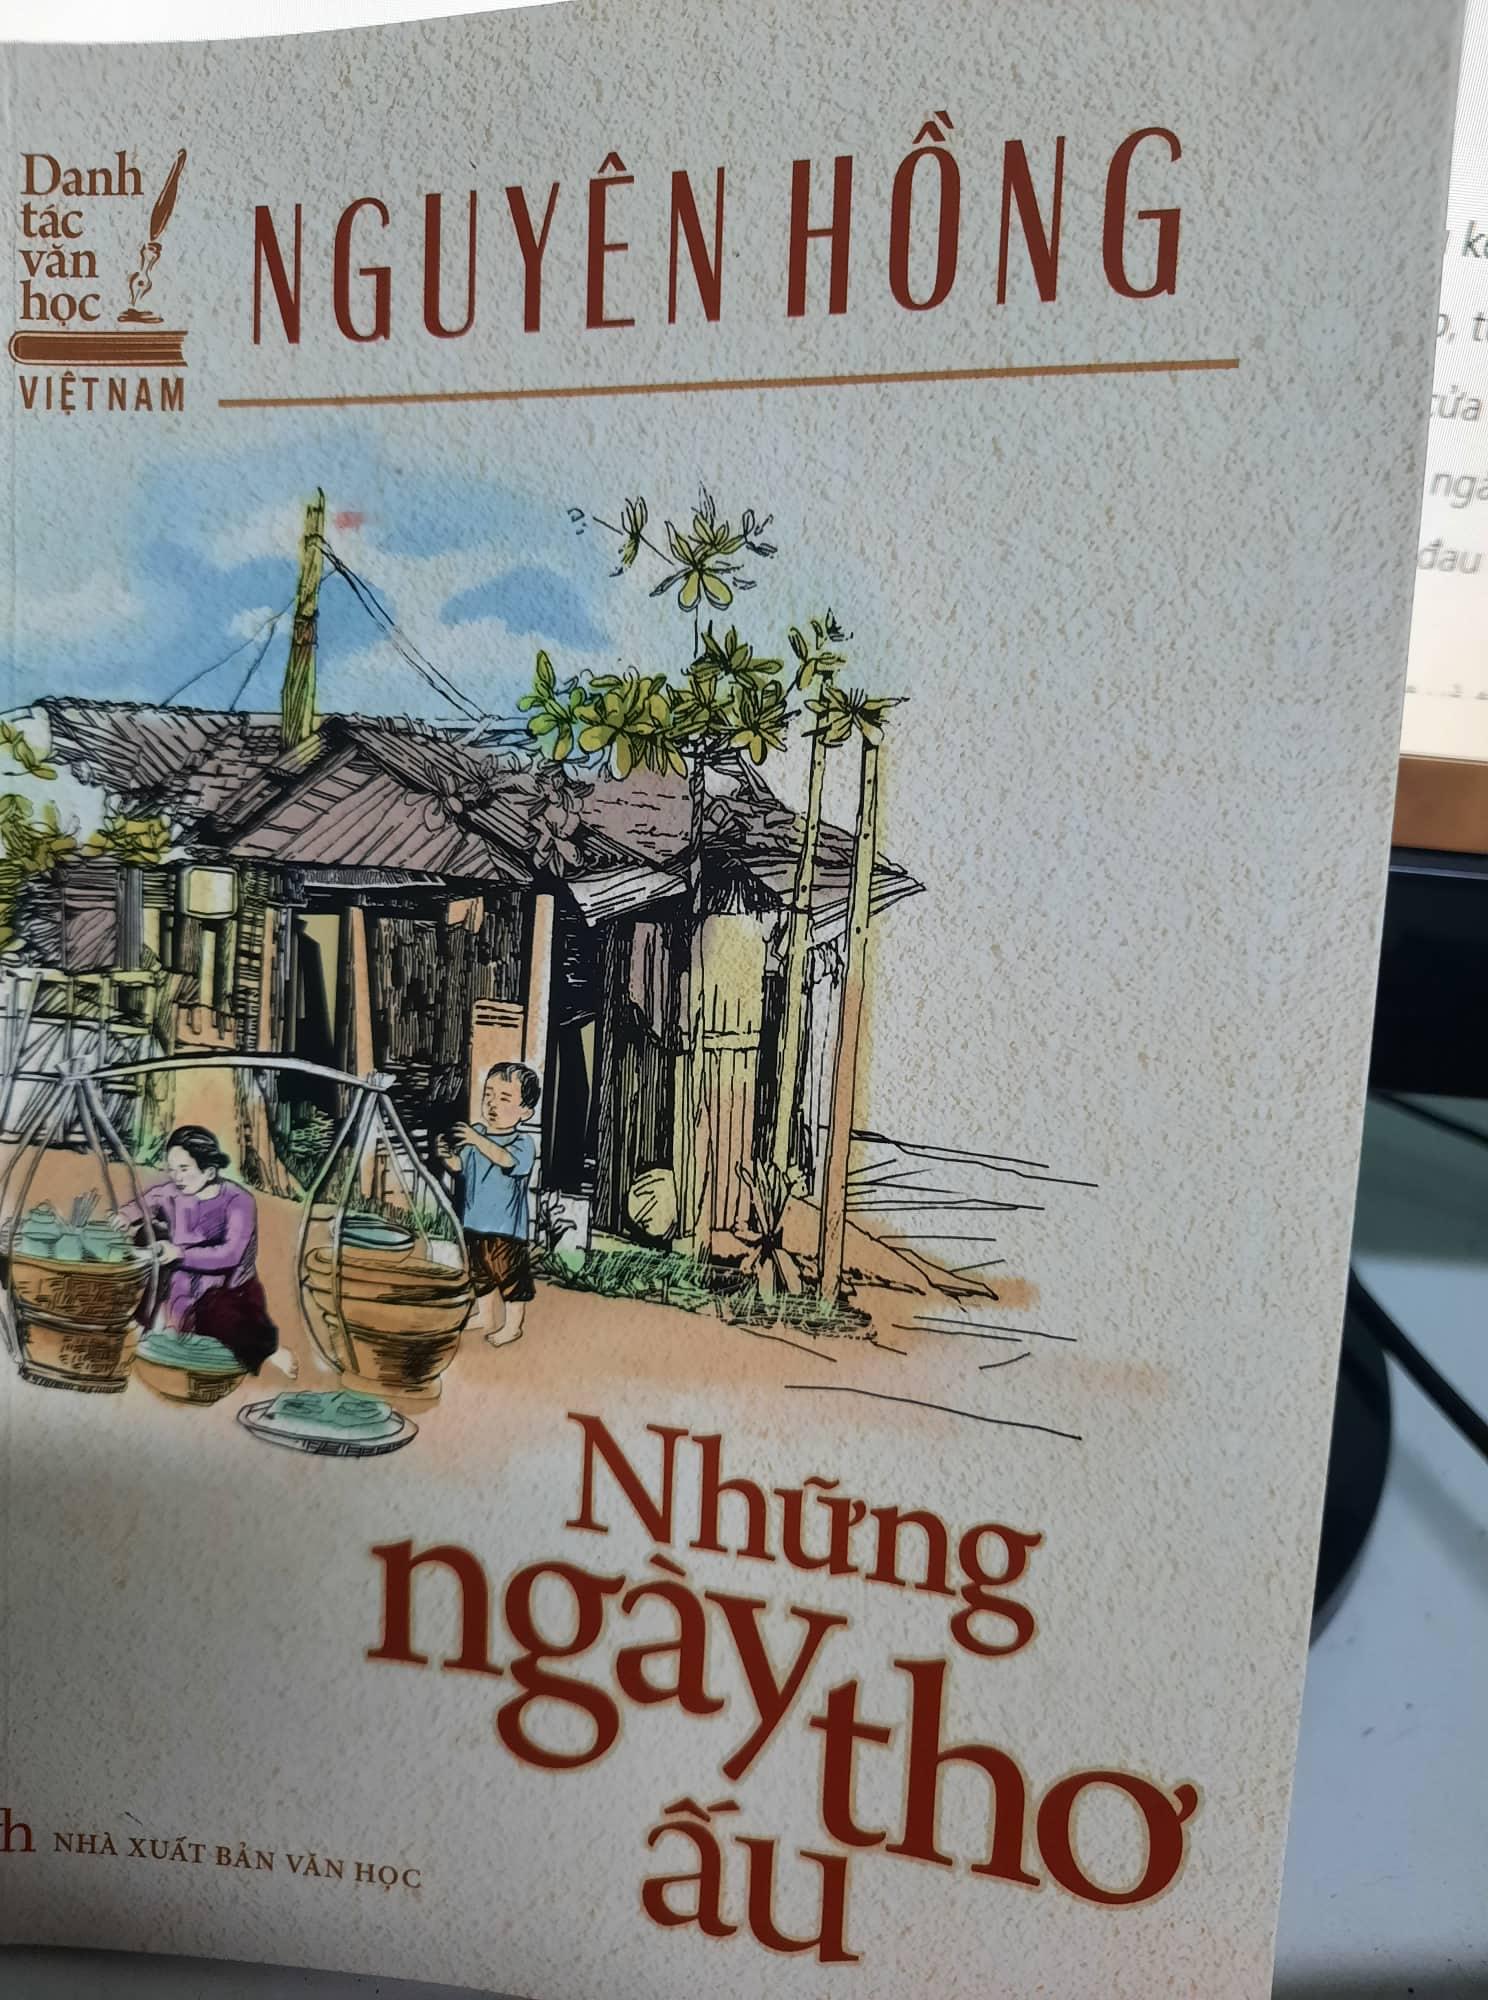 Những ngày ấu thơ - Nguyên Hồng - Văn học Việt Nam - Blog review sách hay